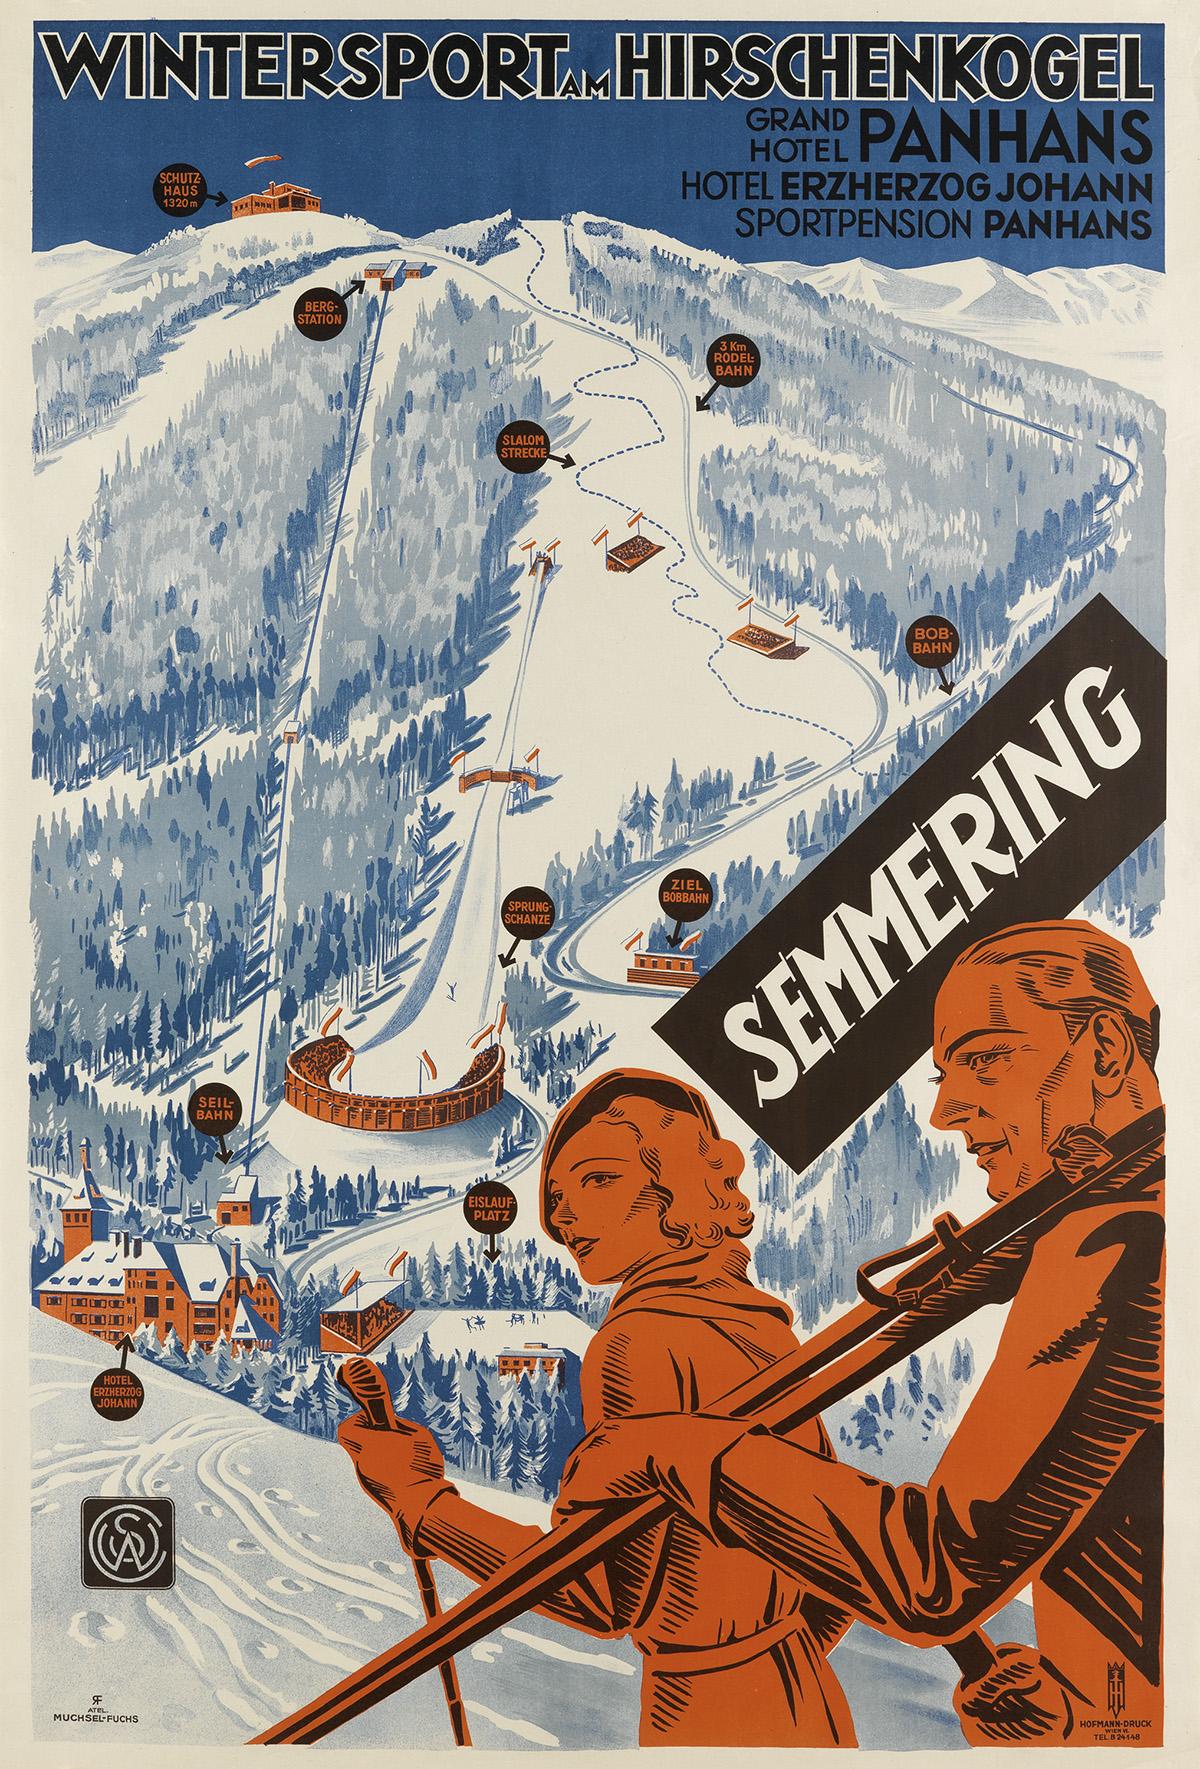 ATELIER MUCHESEL-FUCHS. SEMMERING / WINTERSPORT AM HIRSCHENKOGEL. 37x25 inches, 94x65 cm. Hofmann, Vienna.